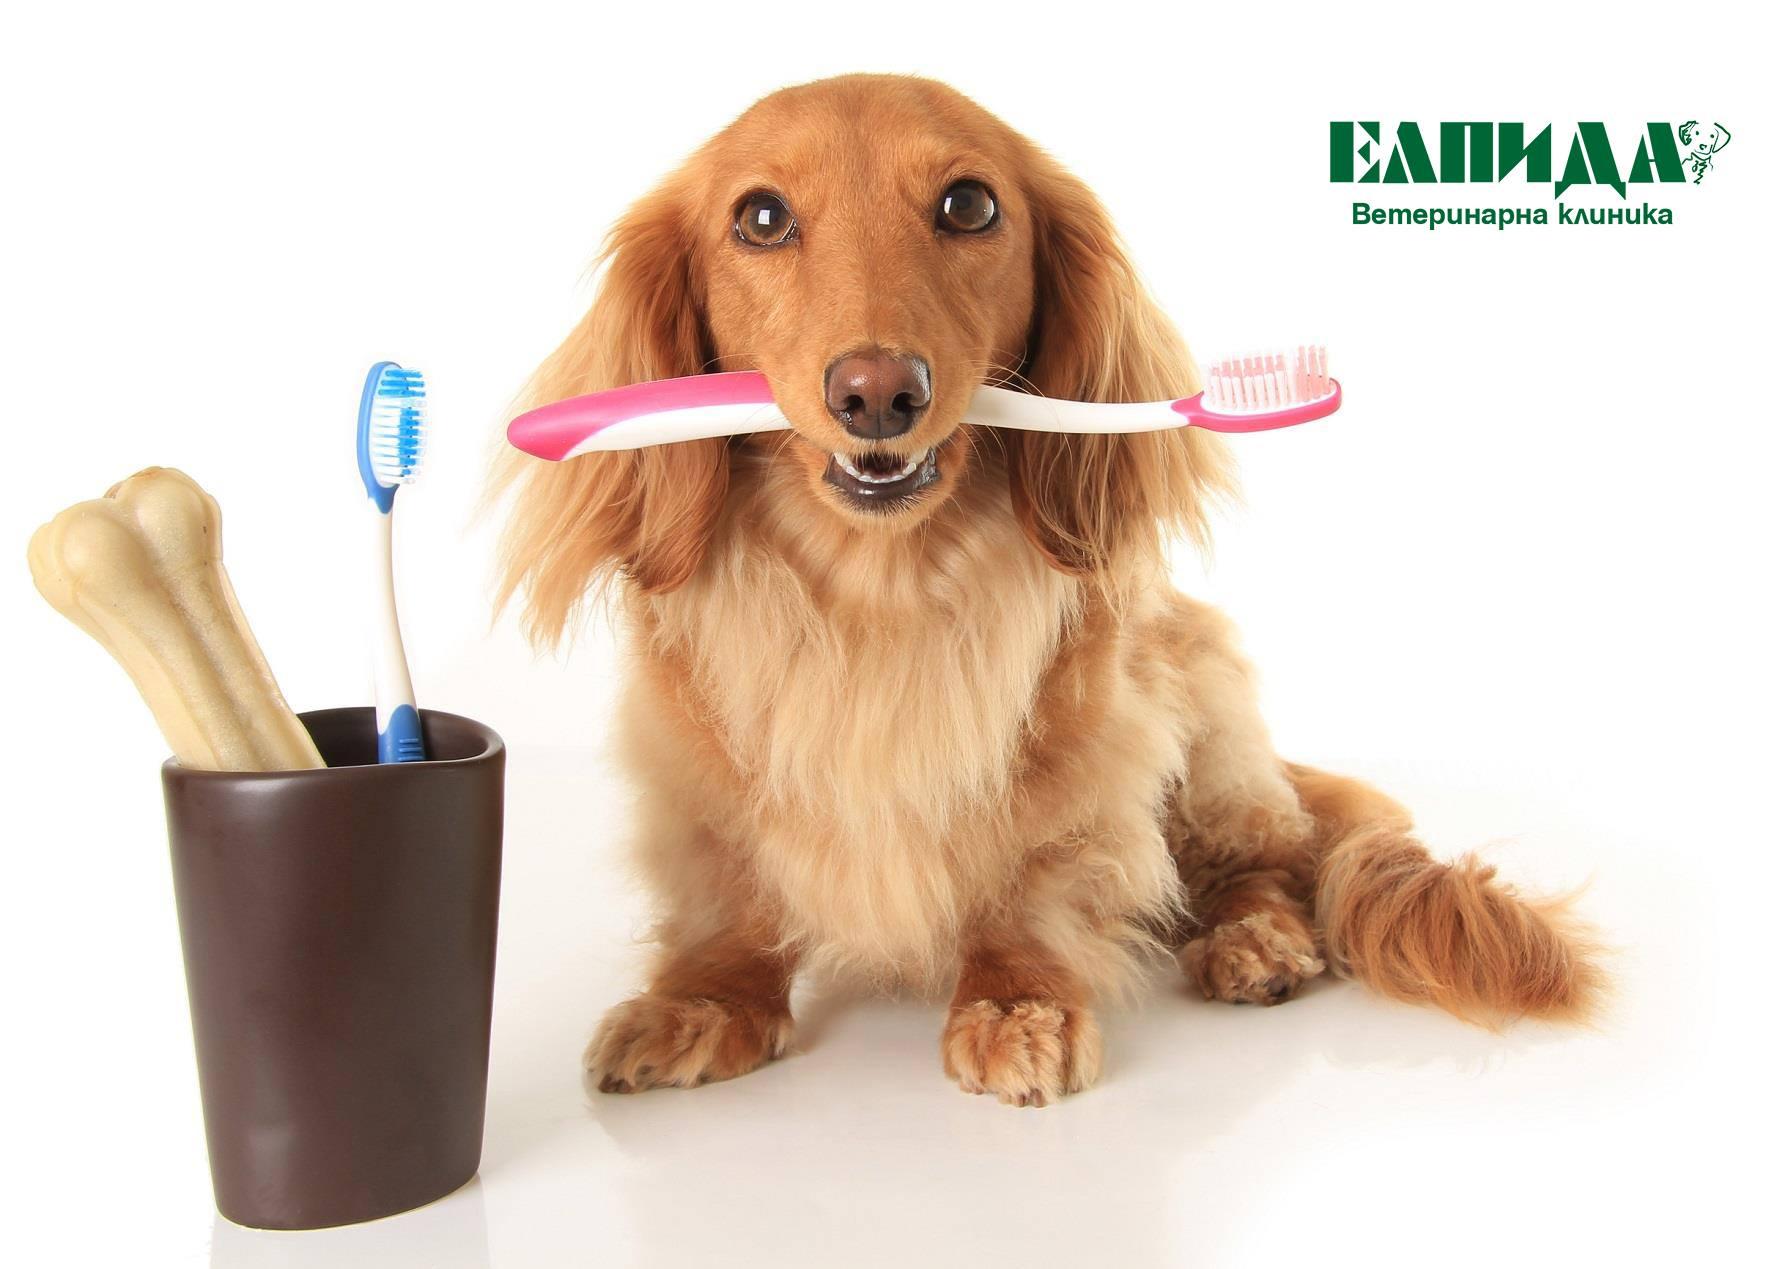 Зъбен камък при кучето и котката - Ветеринарна клиника Elpida